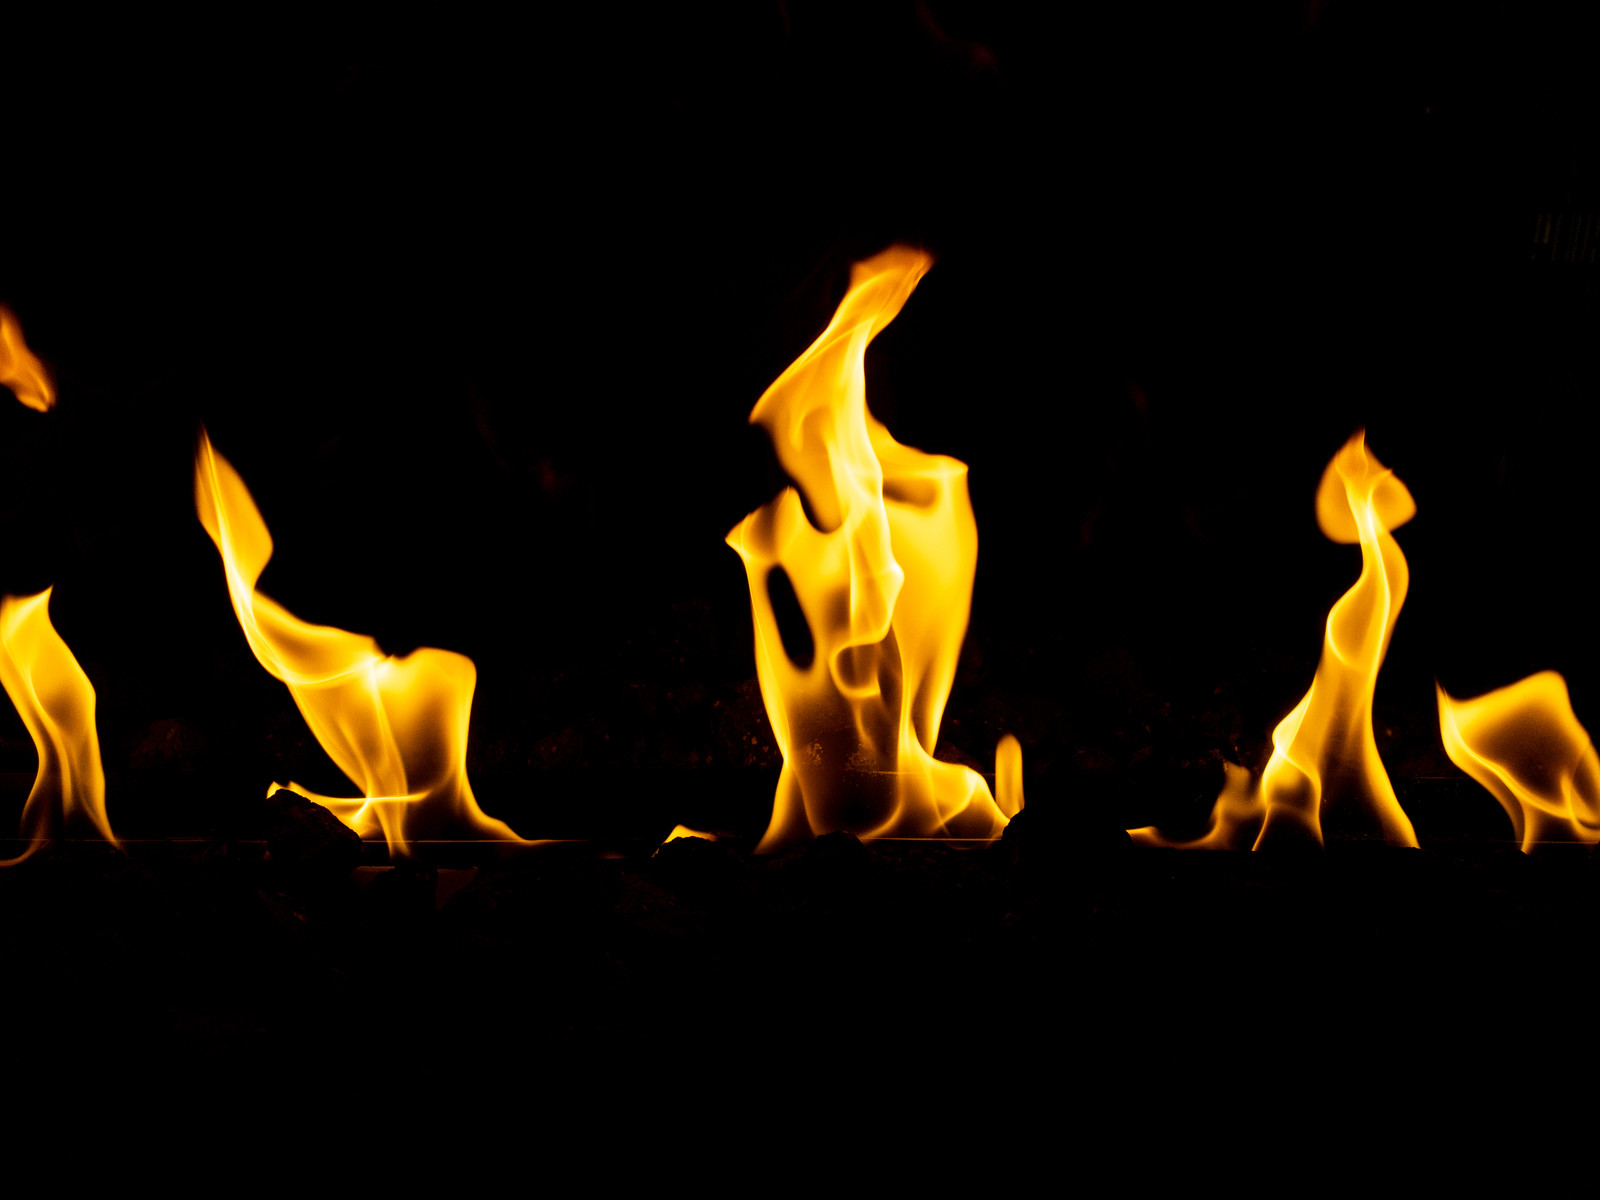 「炎メラメラ」の写真